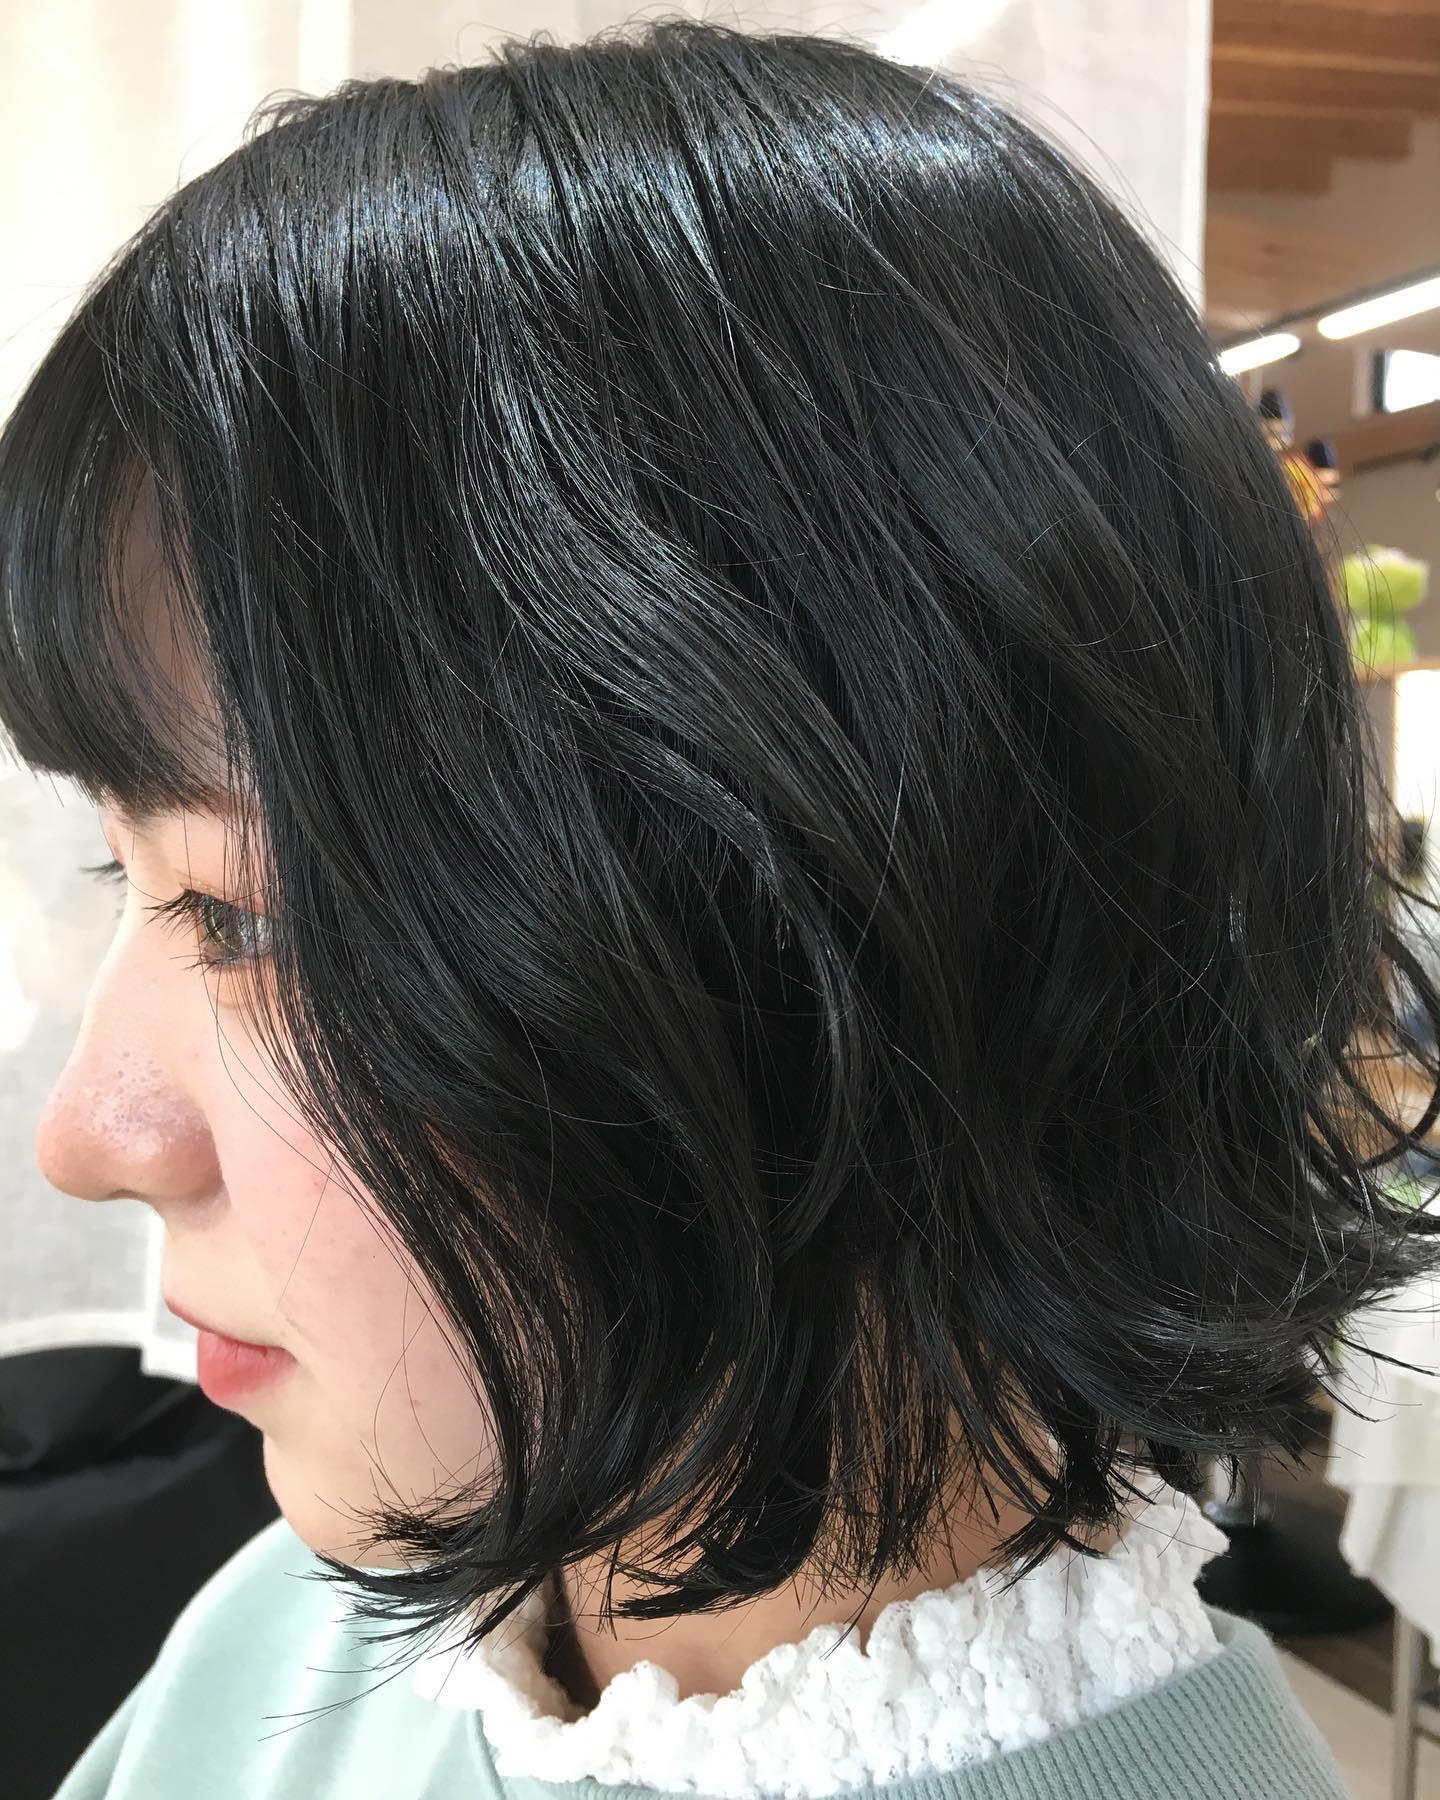 平日  10:00〜20:00lastcut 18:30 other 18:00土日祝  9:00〜19:00lastcut 18:00 other 17:00close  wednesdayhttp://www.totti-hd.comバッサリミニボブ可愛い仲良し親子2人でバッサリ︎#totti #hair #color #perm #cut #hairstyle #haircolor #hairarrange #stylist #care #carelist #aujua #イルミナカラー #headspa #treatment #美容院#着付け